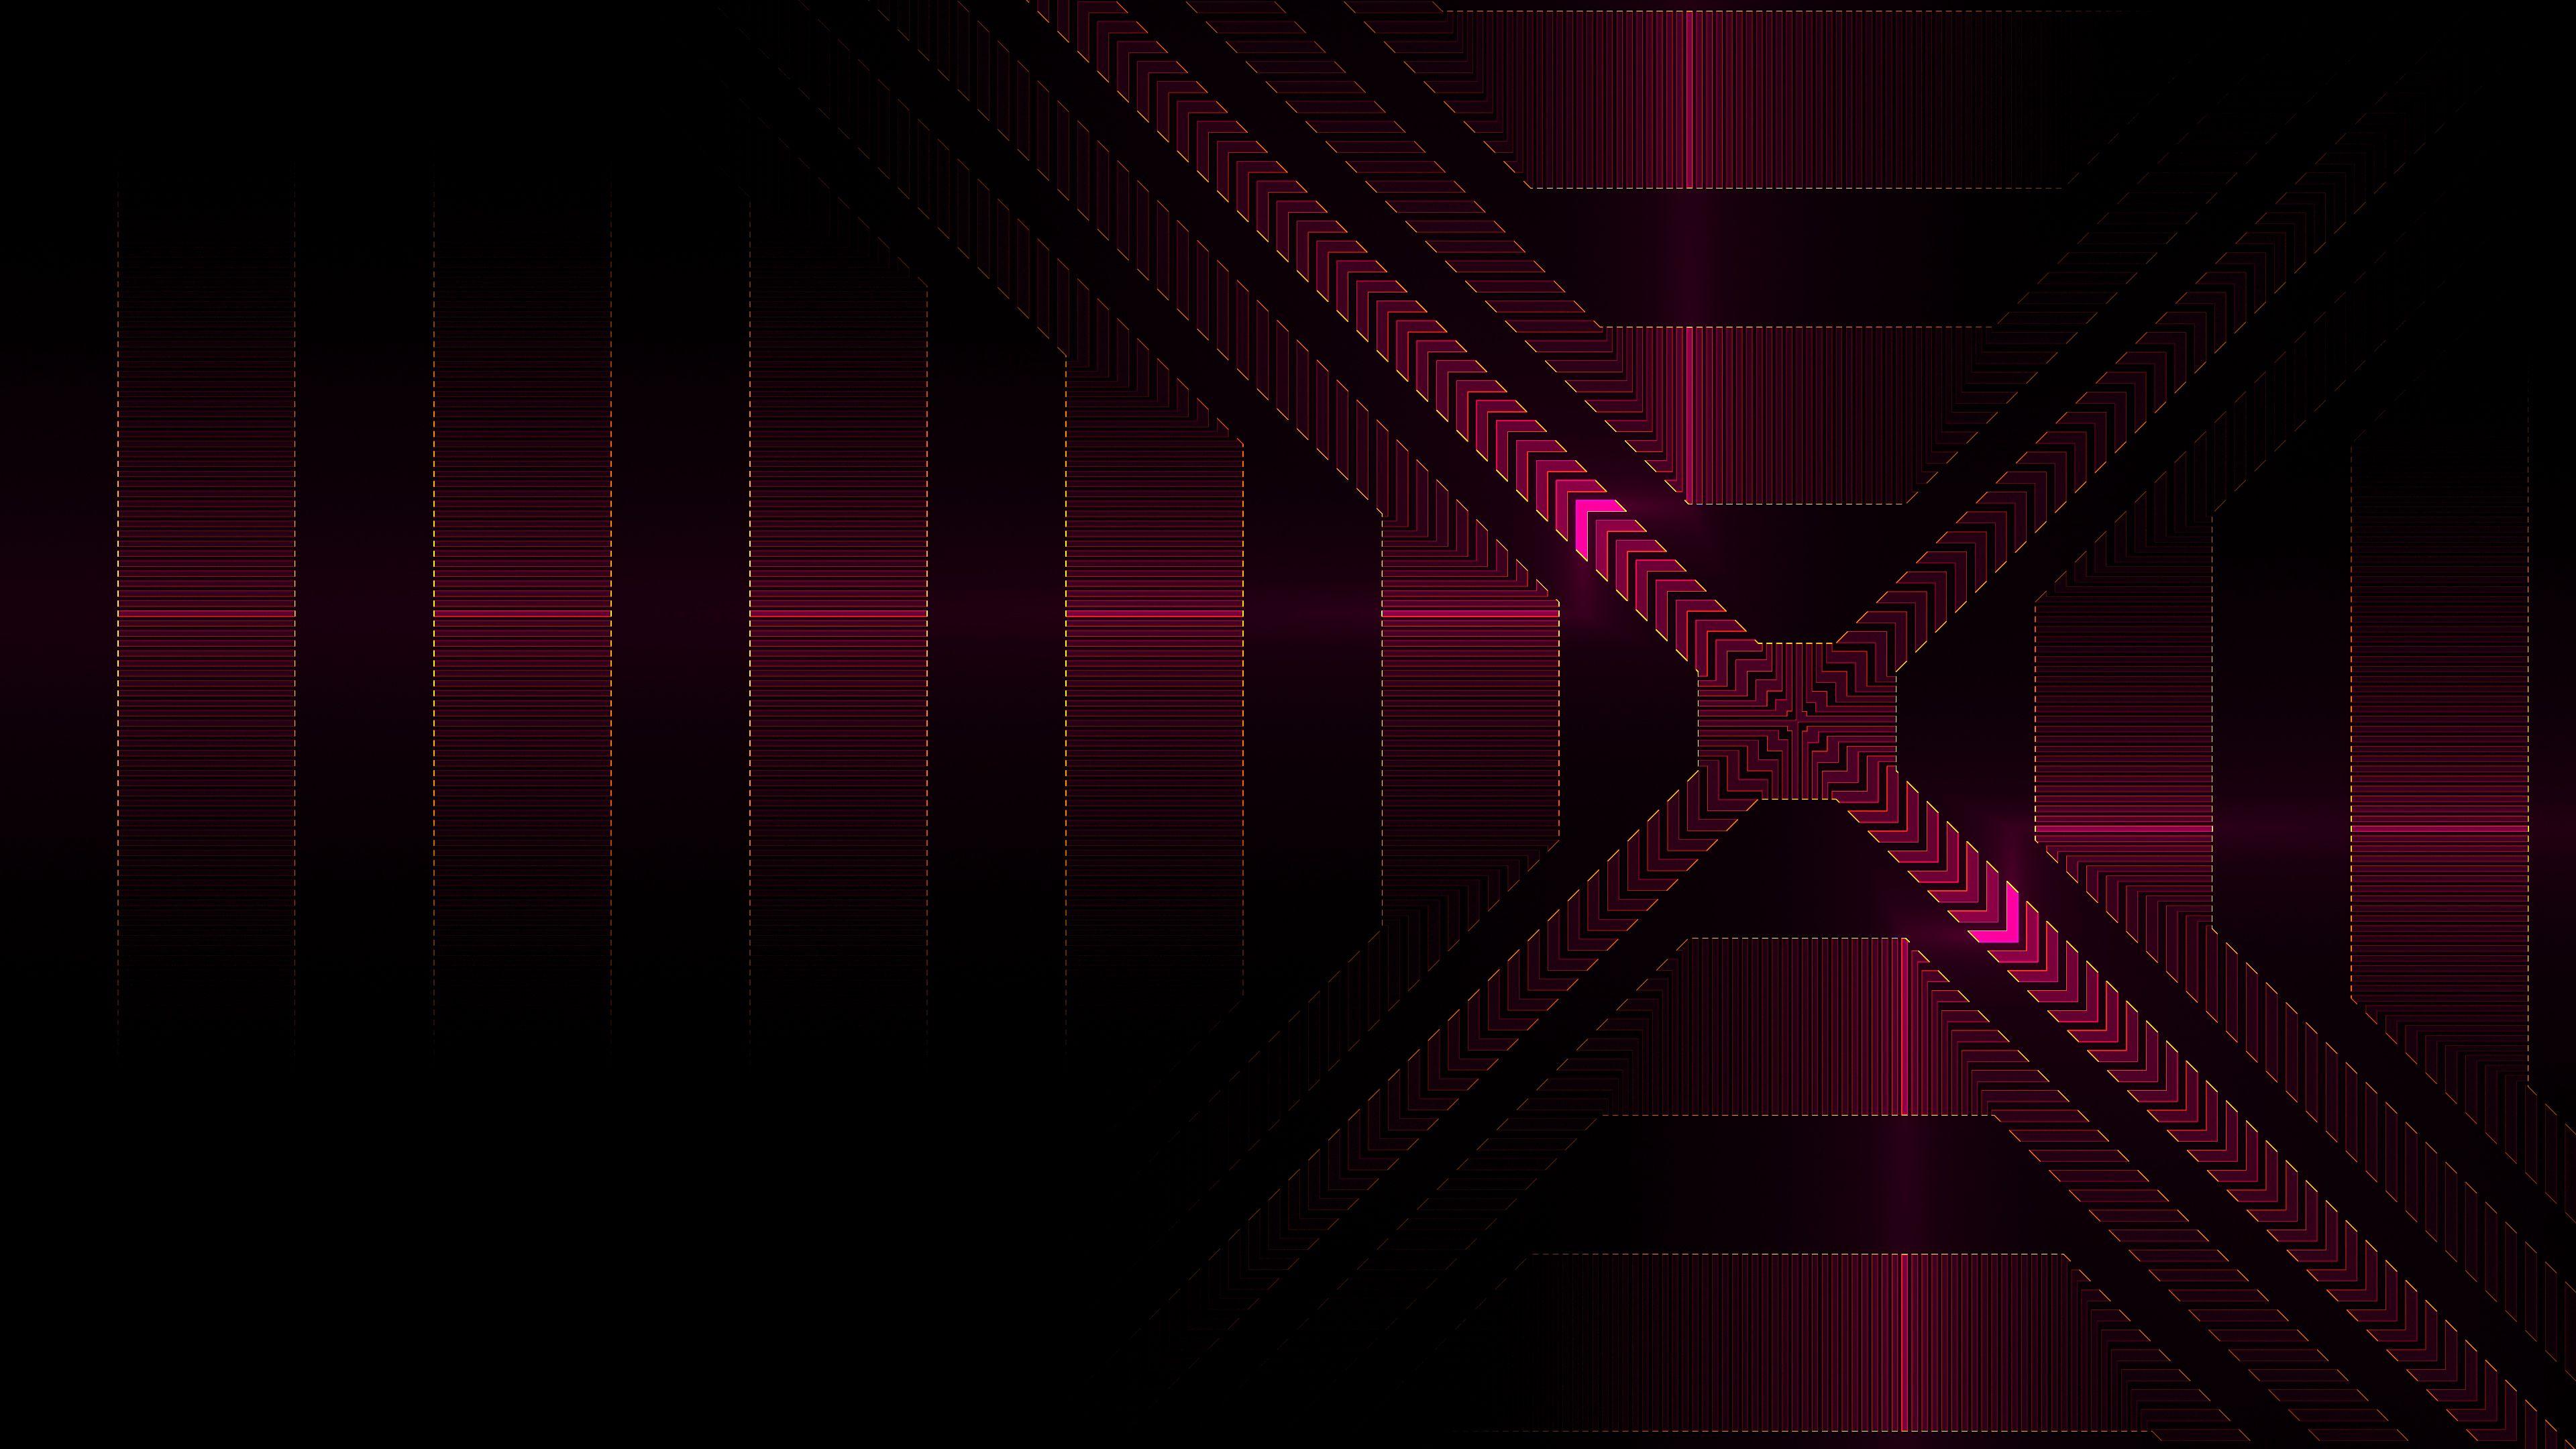 122188 скачать обои Абстракция, Линии, Блеск, Фрактал, Розовый, Геометрический, Стрелки - заставки и картинки бесплатно